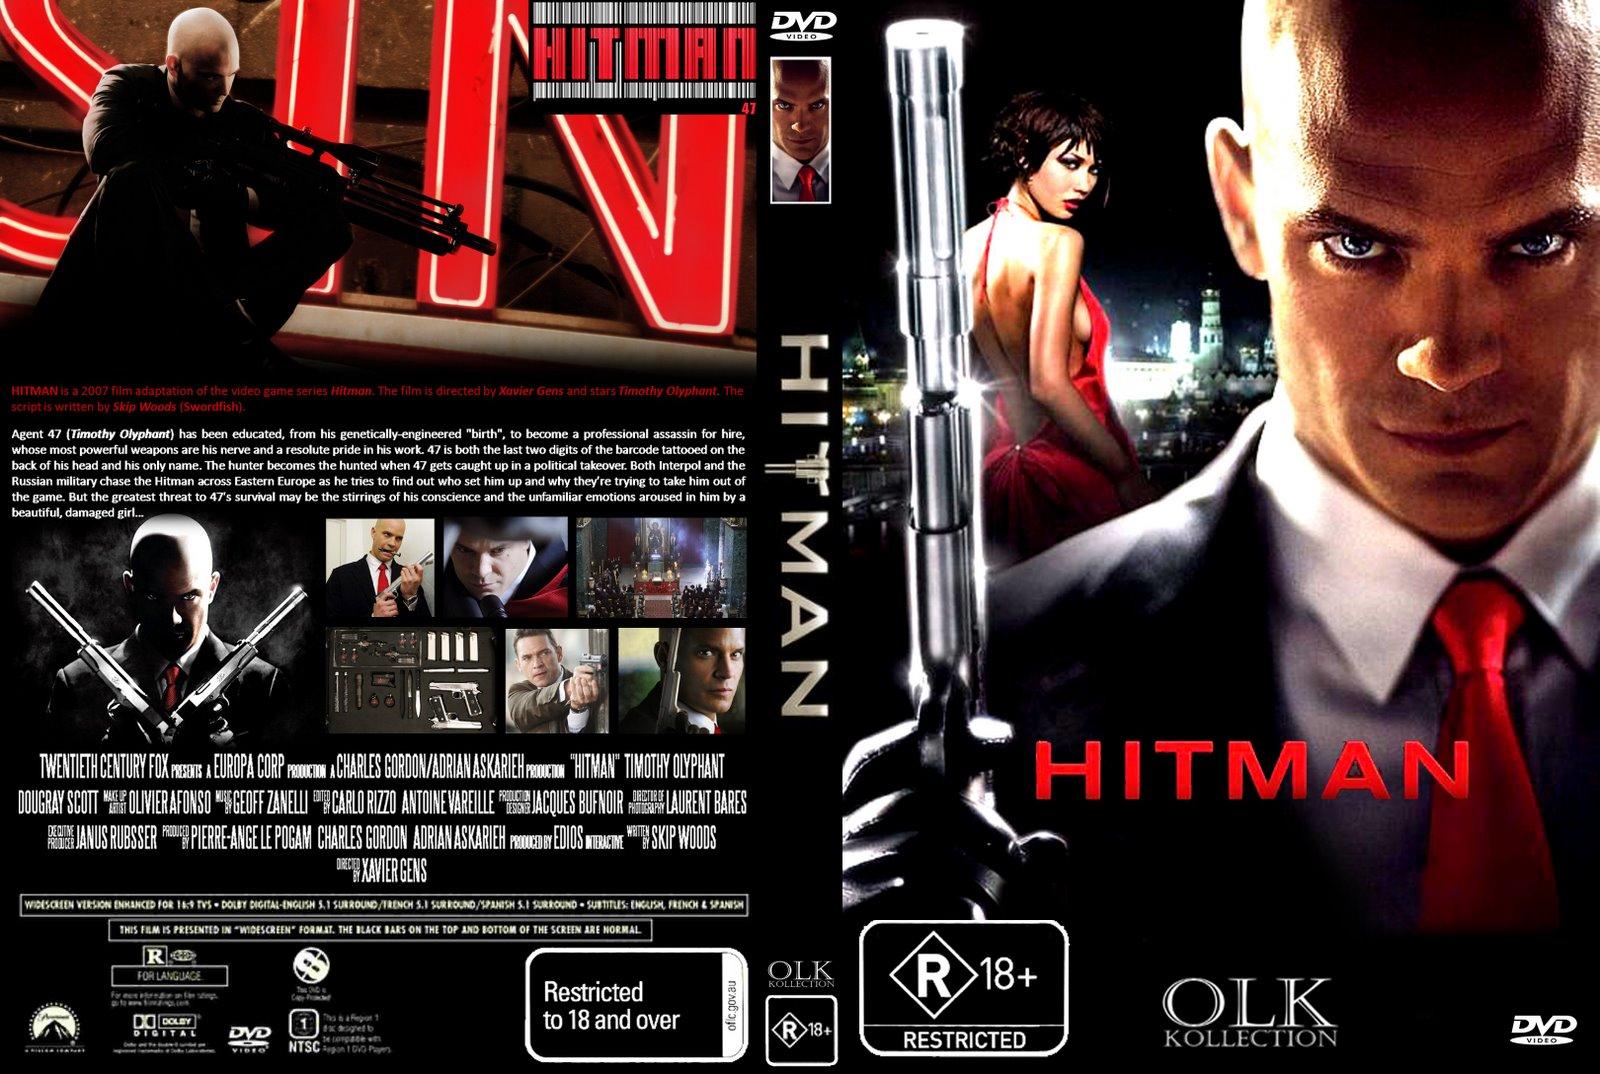 http://2.bp.blogspot.com/_9tpb39LNEns/R1BpW0_cO6I/AAAAAAAAADE/1HxMN3blvsg/s1600-R/Hitman_%282007%29_R4_Custom-%5Bcdcovers_cc%5D-front.jpg